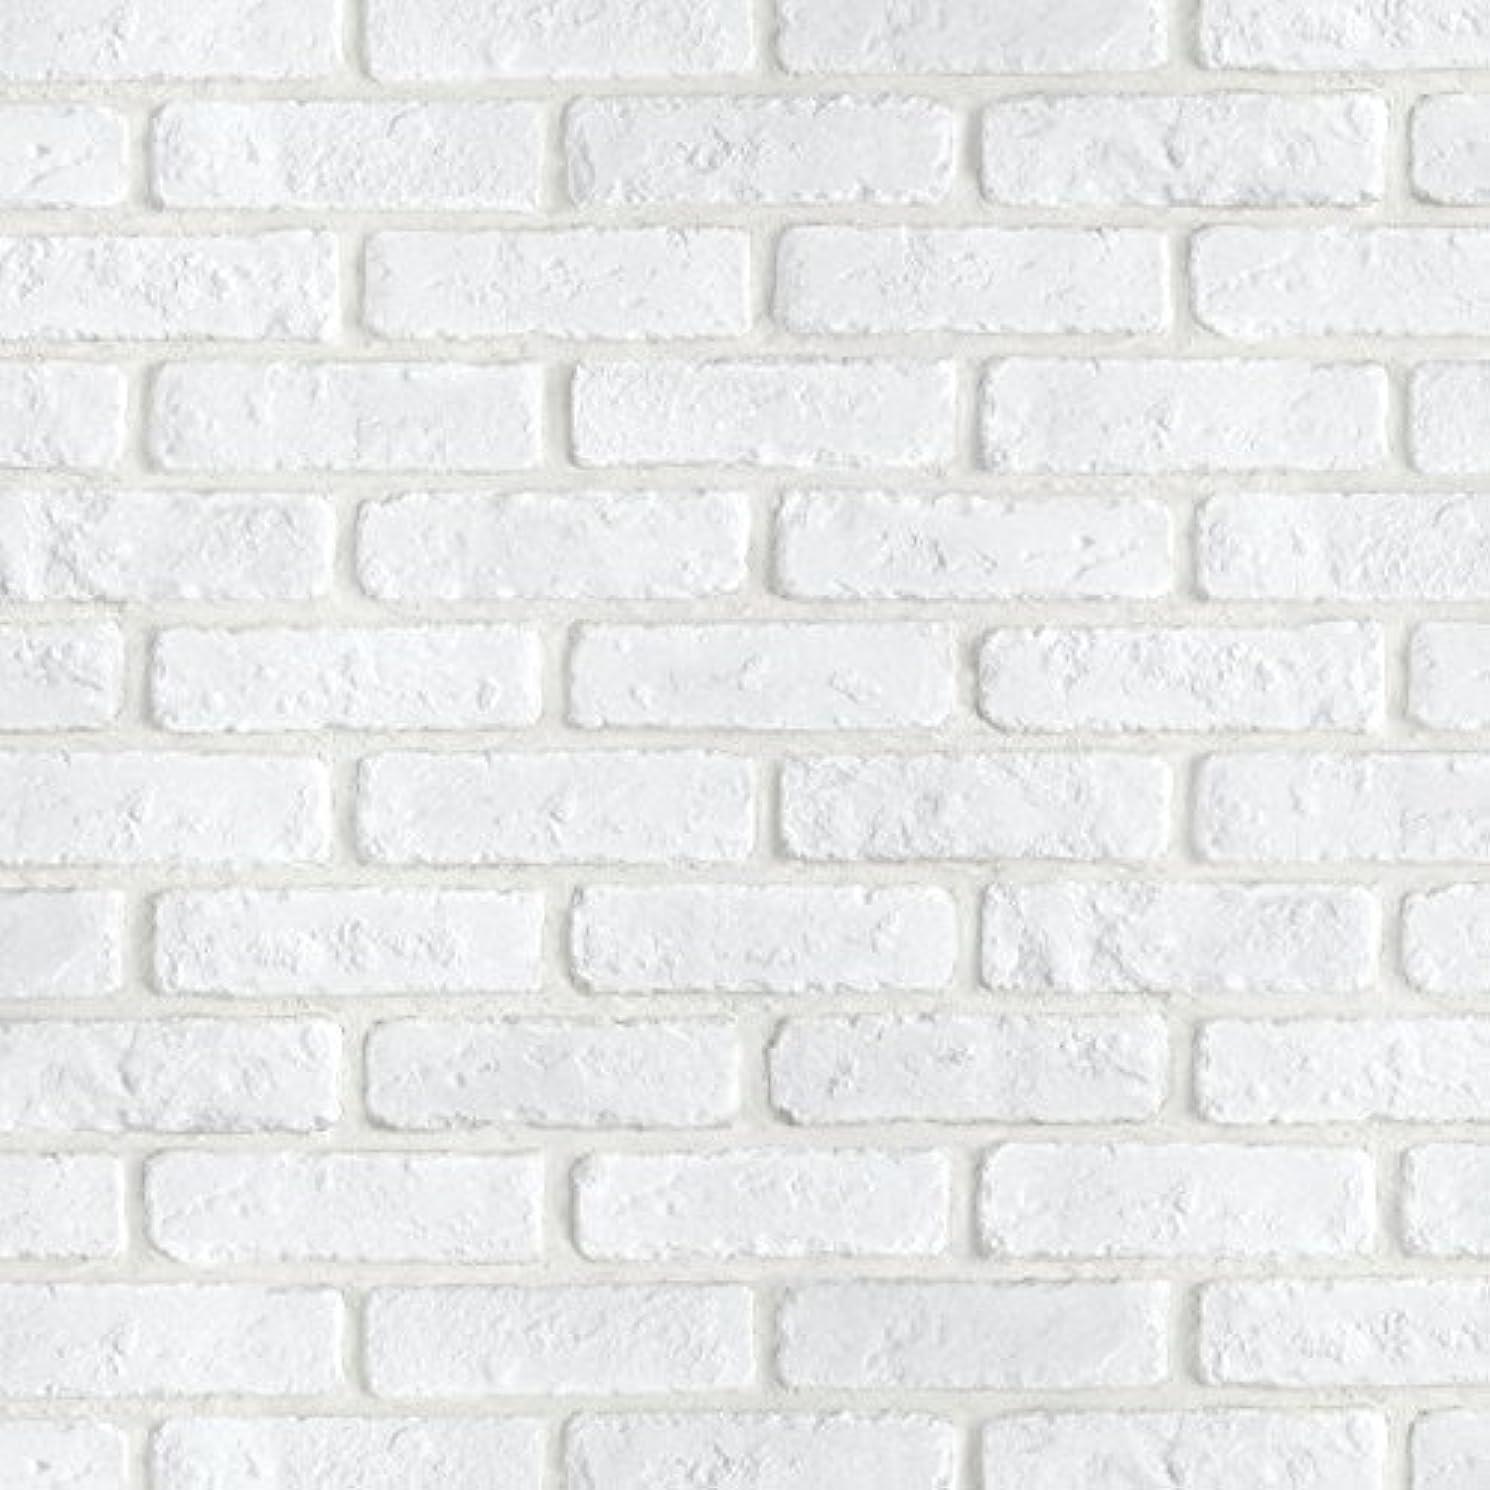 防衛フォルダアミューズメントMagicfix はがせる壁紙 シール式 50cm幅x30メートル単位 (DBS-24 ホワイトブリック)